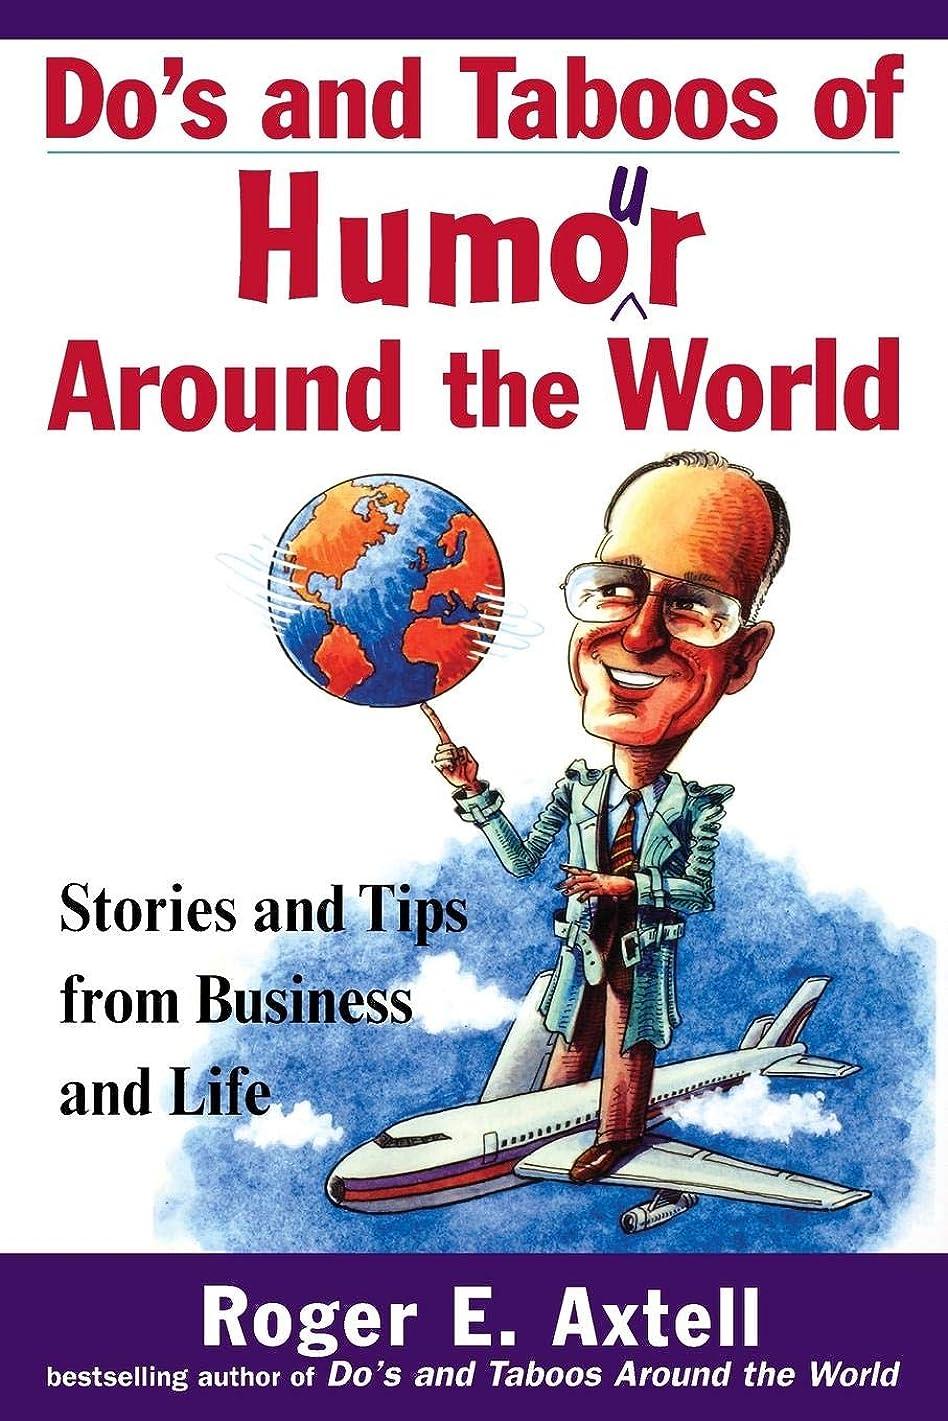 囲まれた酸化物電話するDo's and Taboos of Humour Around the World: Stories and Tips from Business and Life